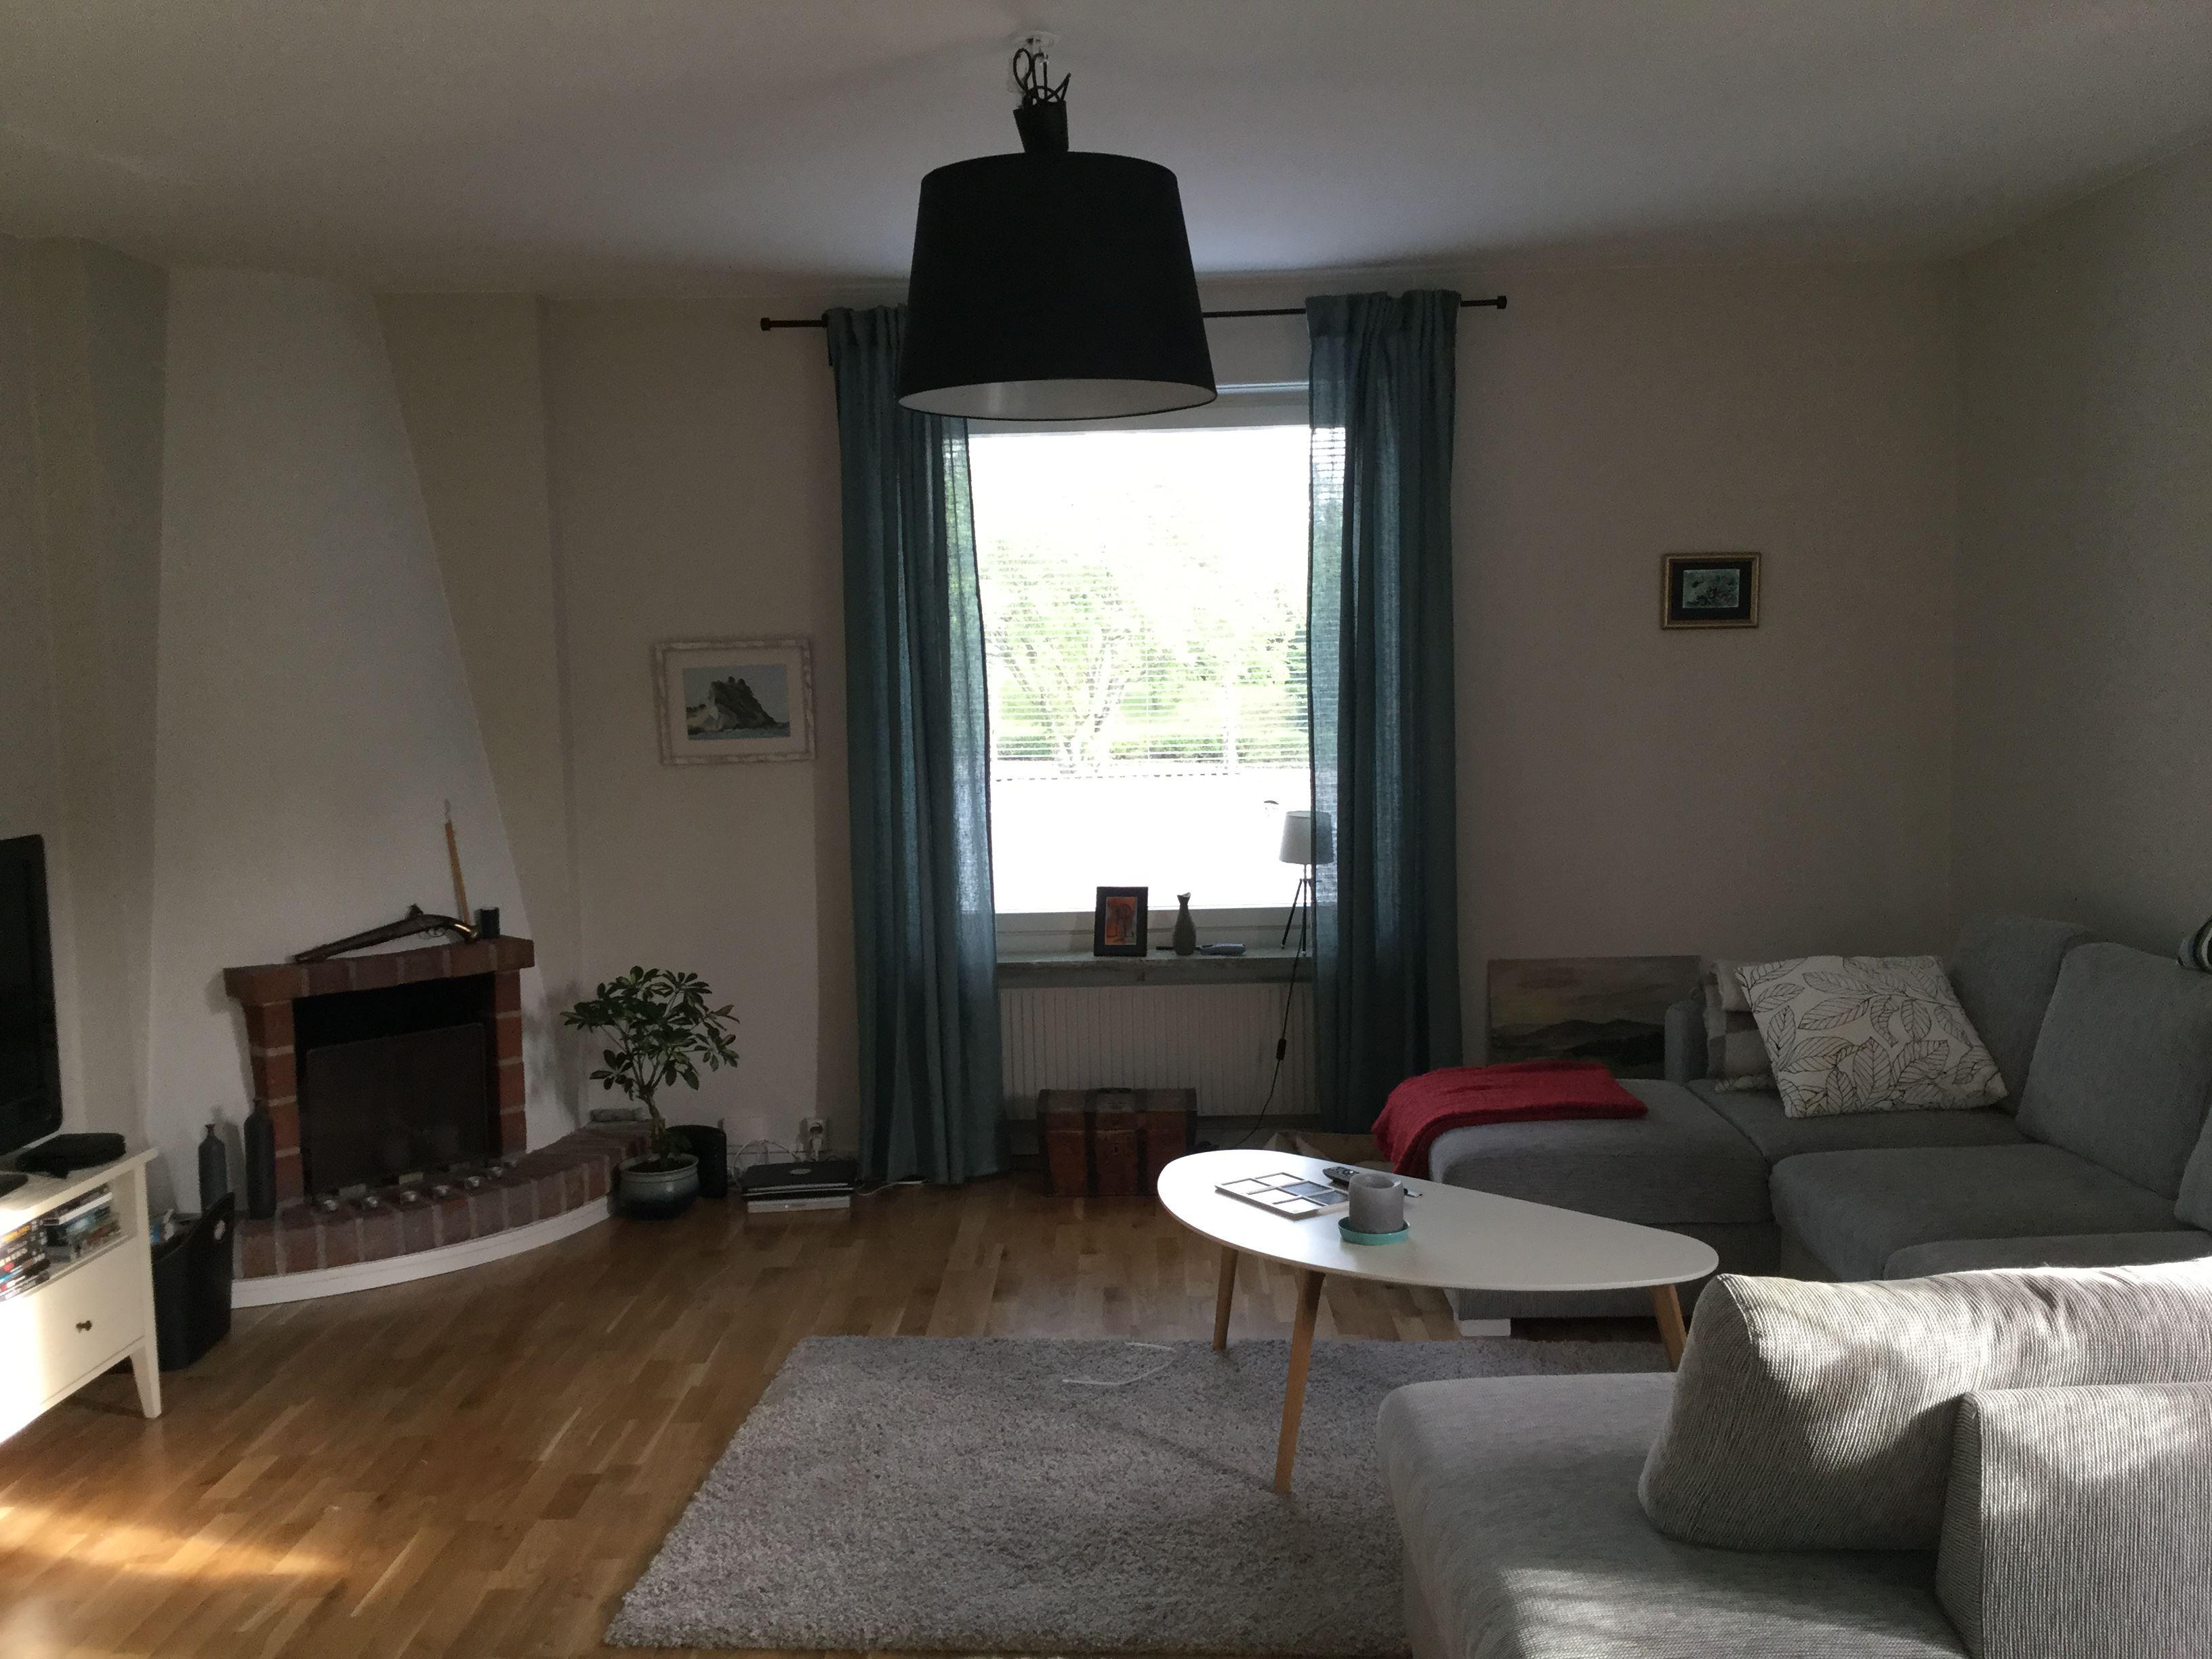 HL048 Lägenhet i centrala Östersund